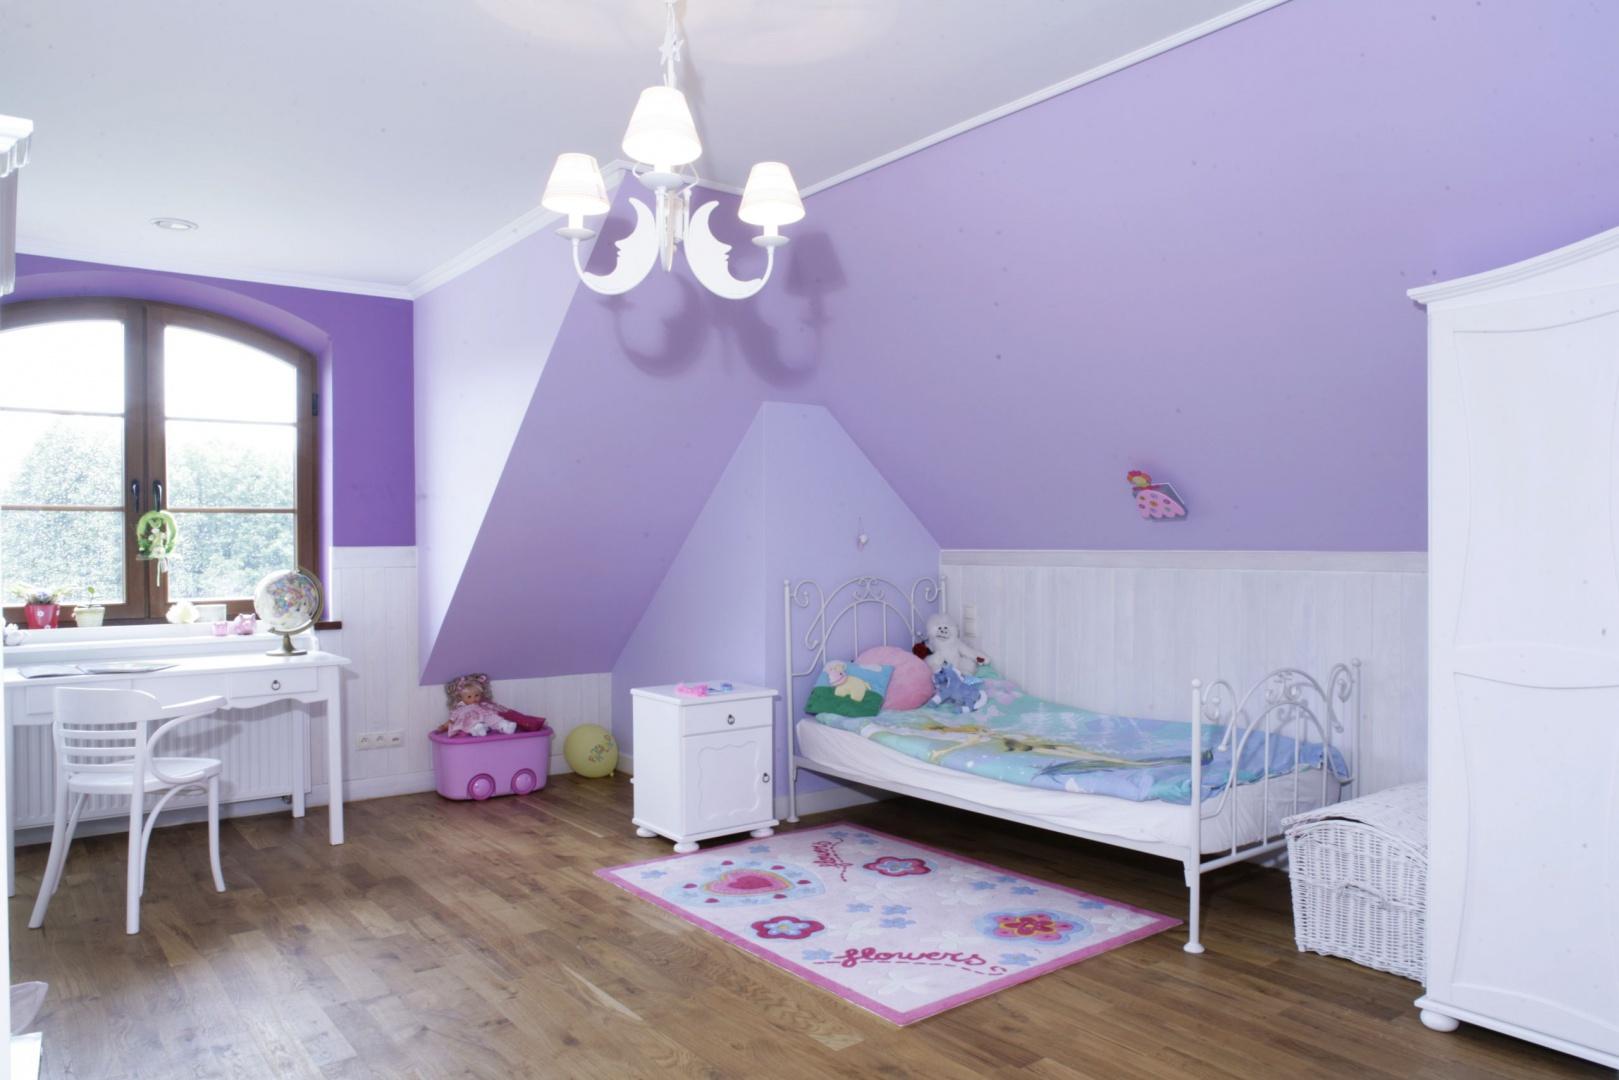 W przestronnym wnętrzu panuje połączenie lekkiego, jasnego fioletu oraz bieli. Ściany wyłożono białą boazerią natomiast skosy pomalowano na liliowo, co nadało pomieszczeniu dziewczęcy, romantyczny wygląd. Fot. Bartosz Jarosz.